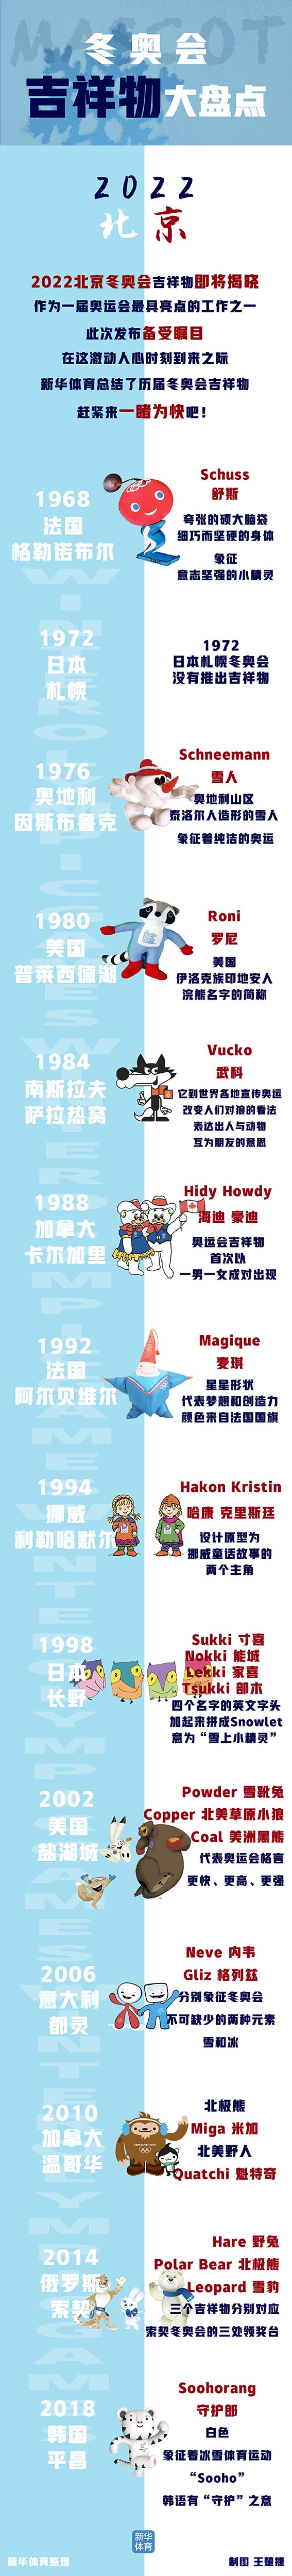 2022年北京冬奧會和冬殘奧會吉祥物即將揭曉